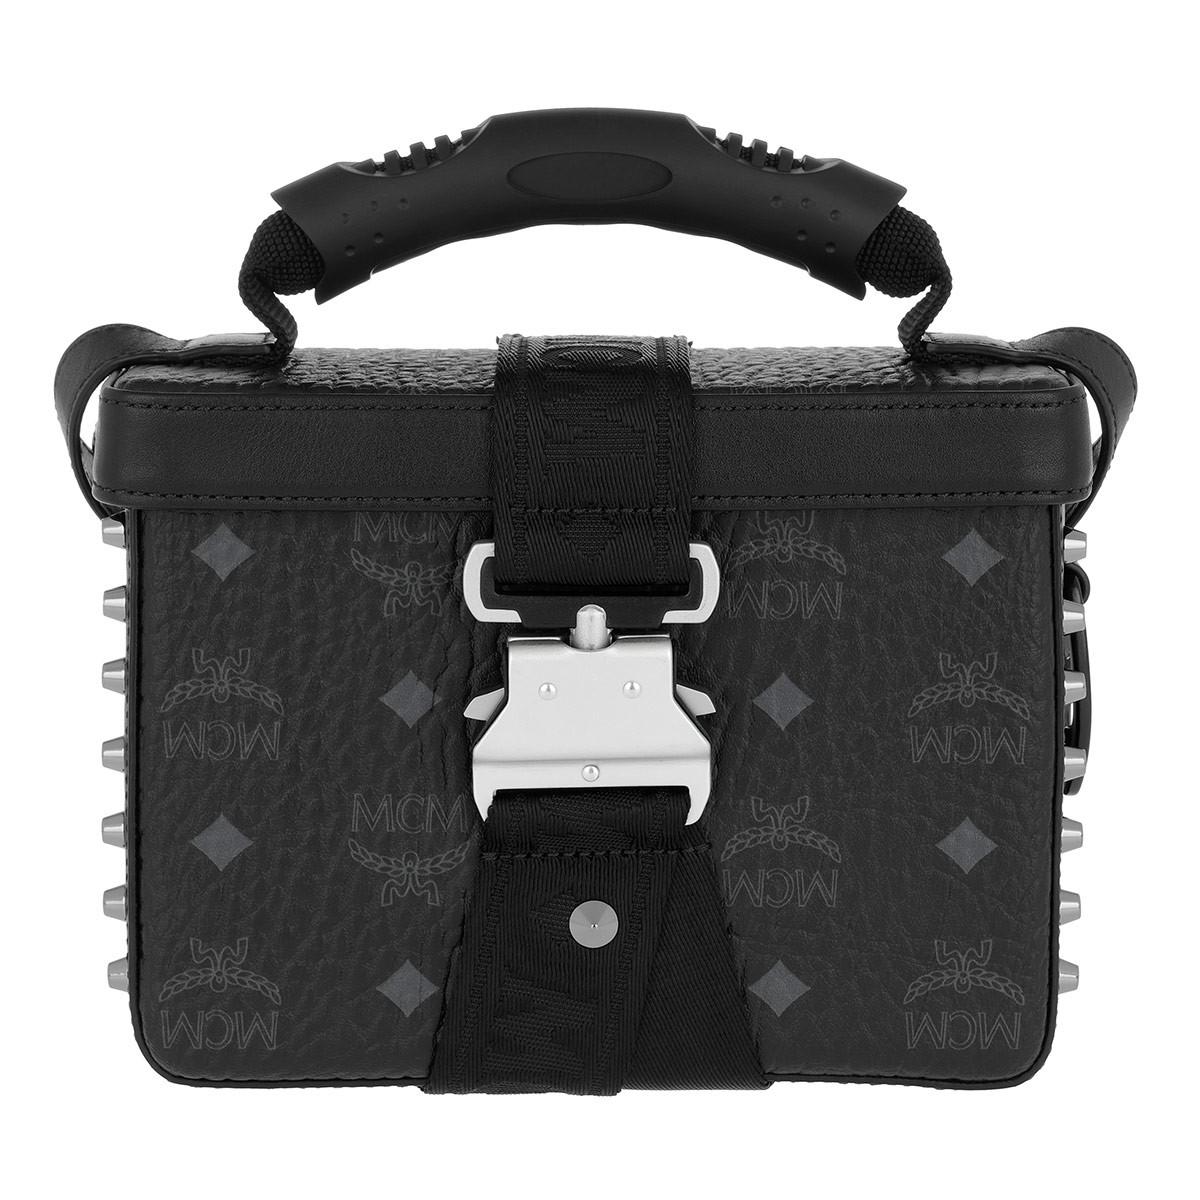 MCM Umhängetasche - Jemison Visetos Crossbody Small Black - in schwarz - für Damen